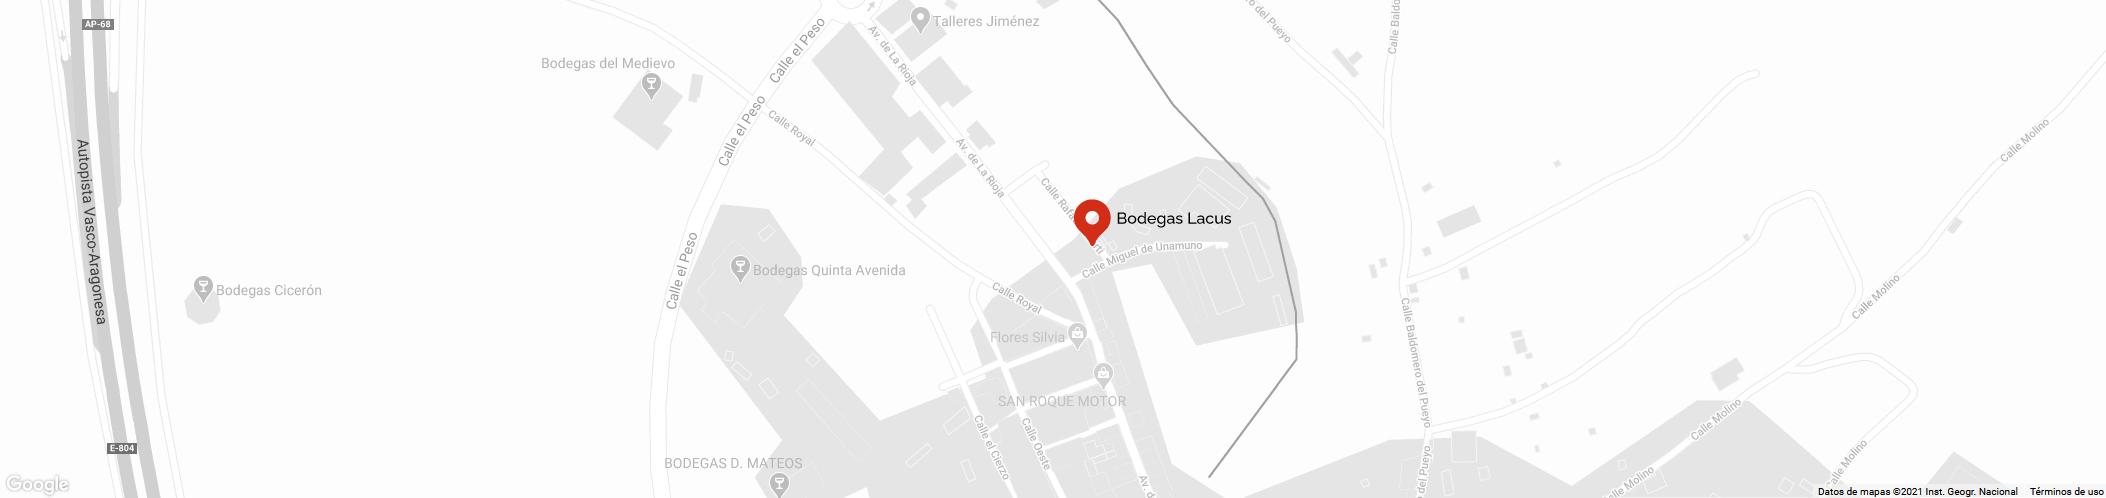 Localización Bodegas Lacus